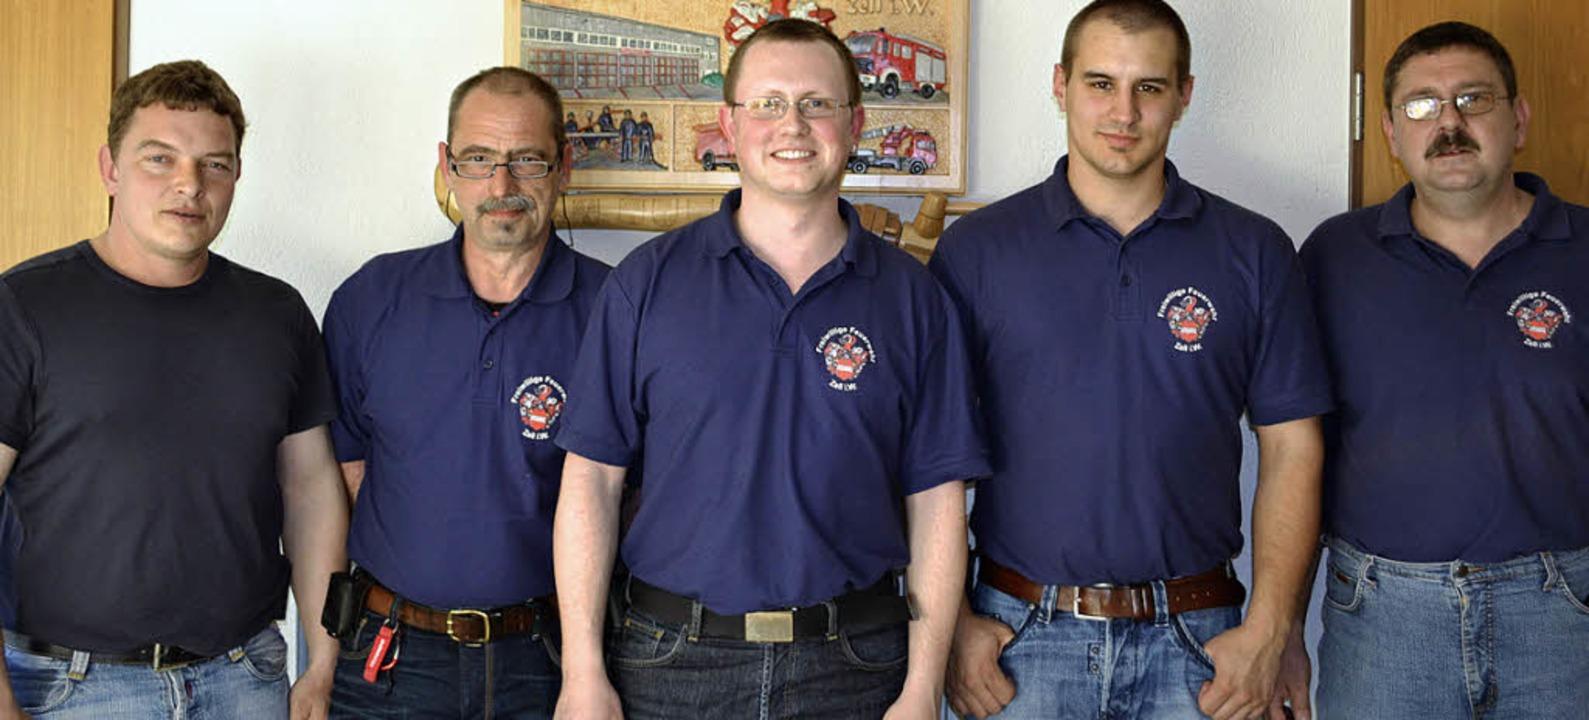 Zeller Feuerwehrvereins (von links):  ...el Friedrich, Kommandant Thomas Roth.   | Foto: Paul Berger